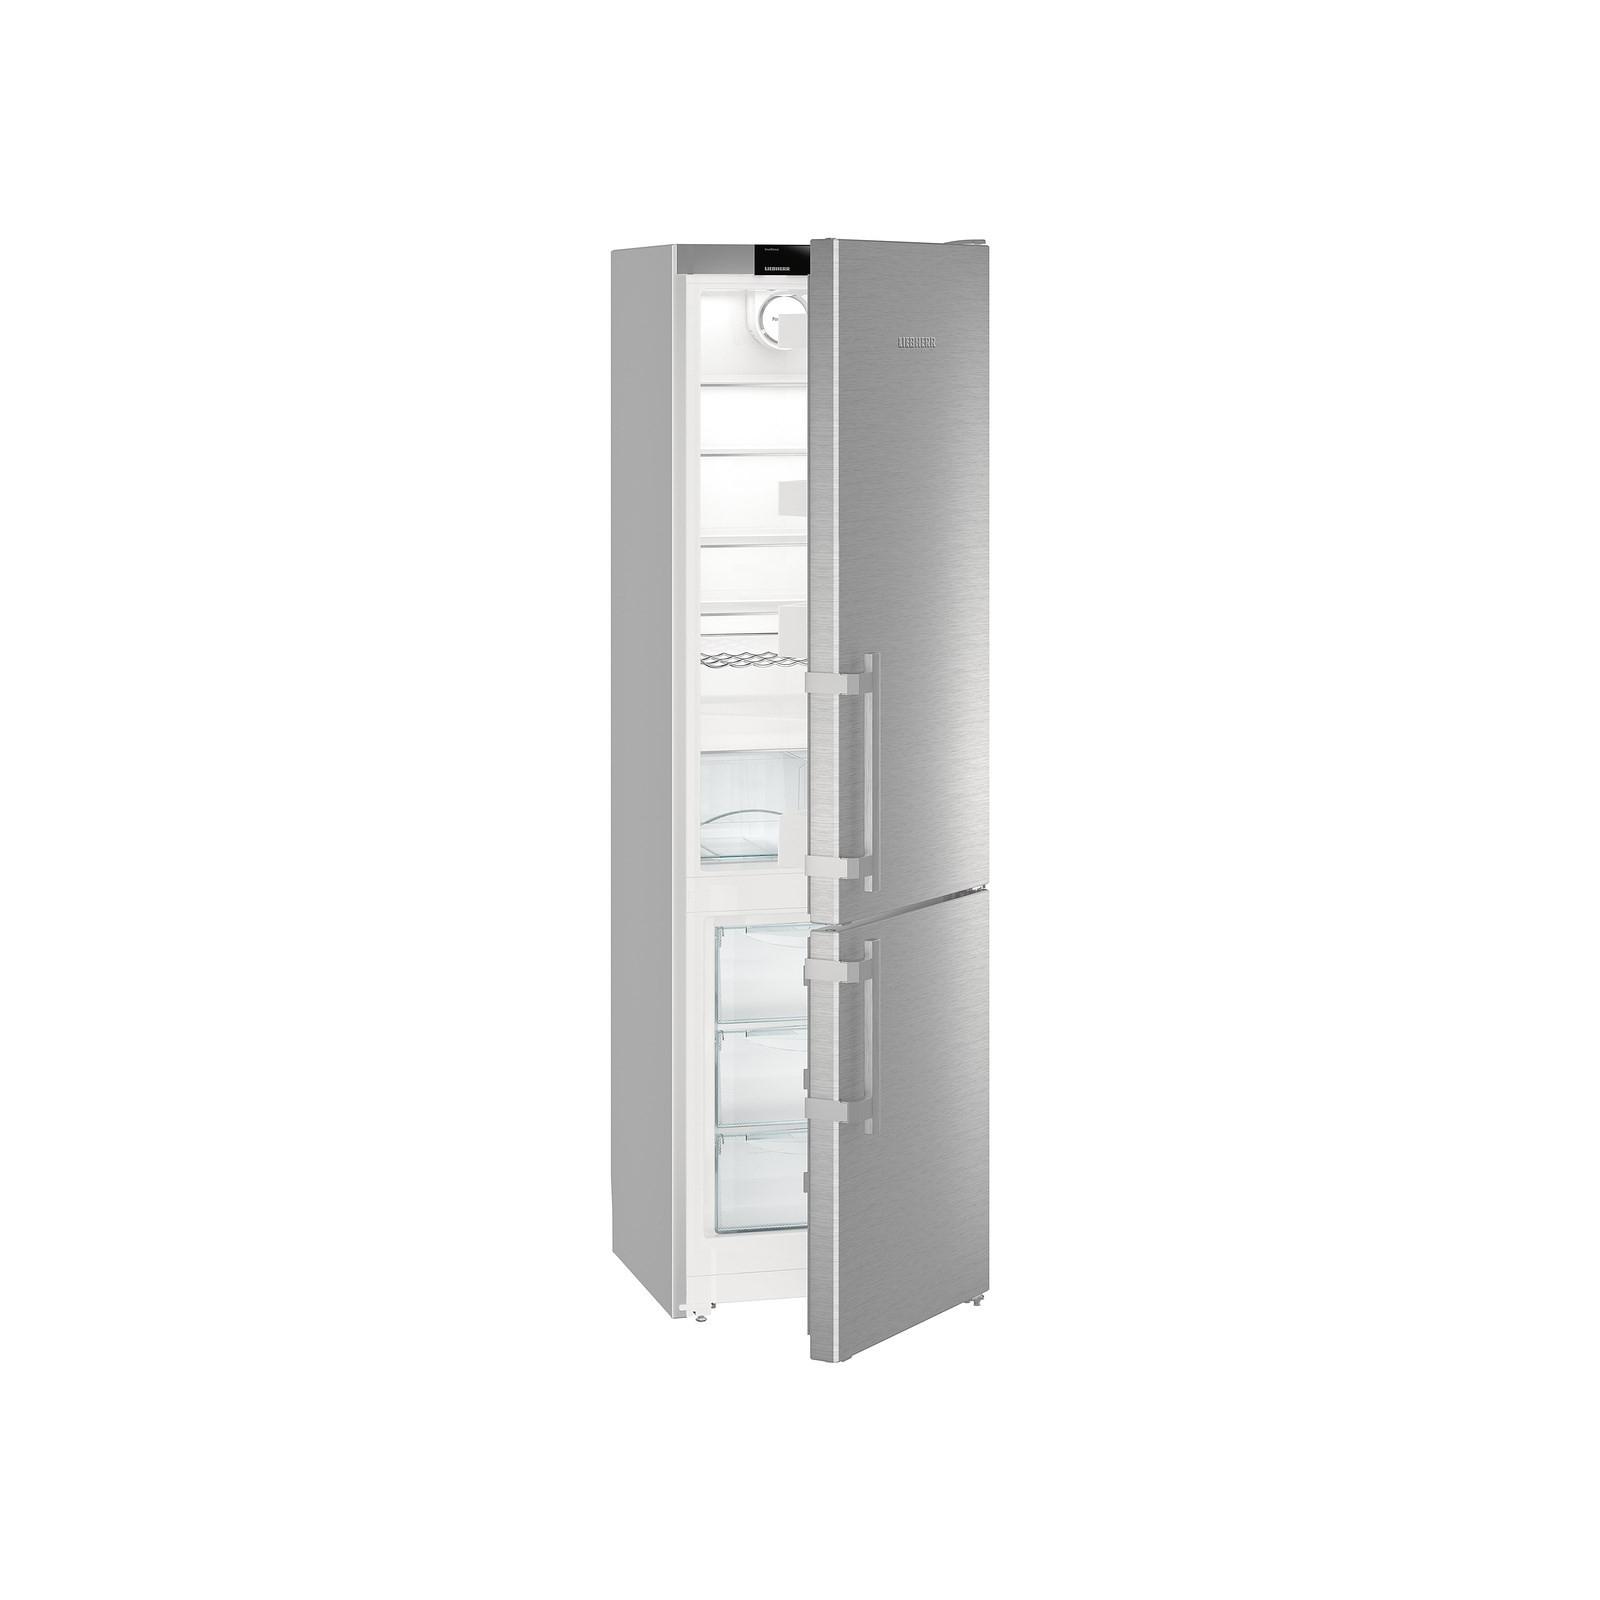 Холодильник Liebherr Cef 3825 изображение 2